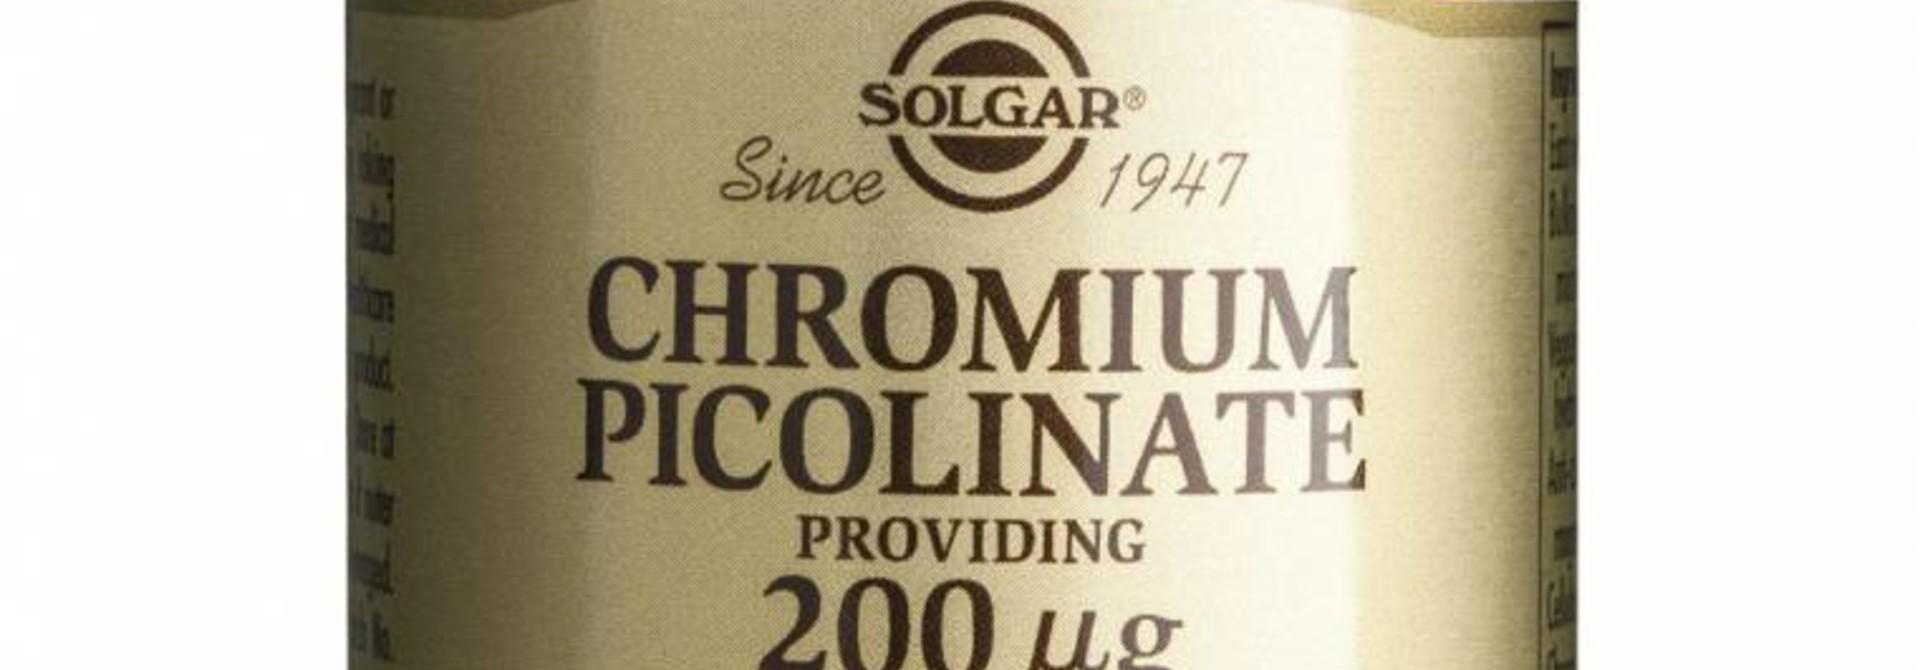 Chromium Picolinate 200 µg 90 plantaardige capsules